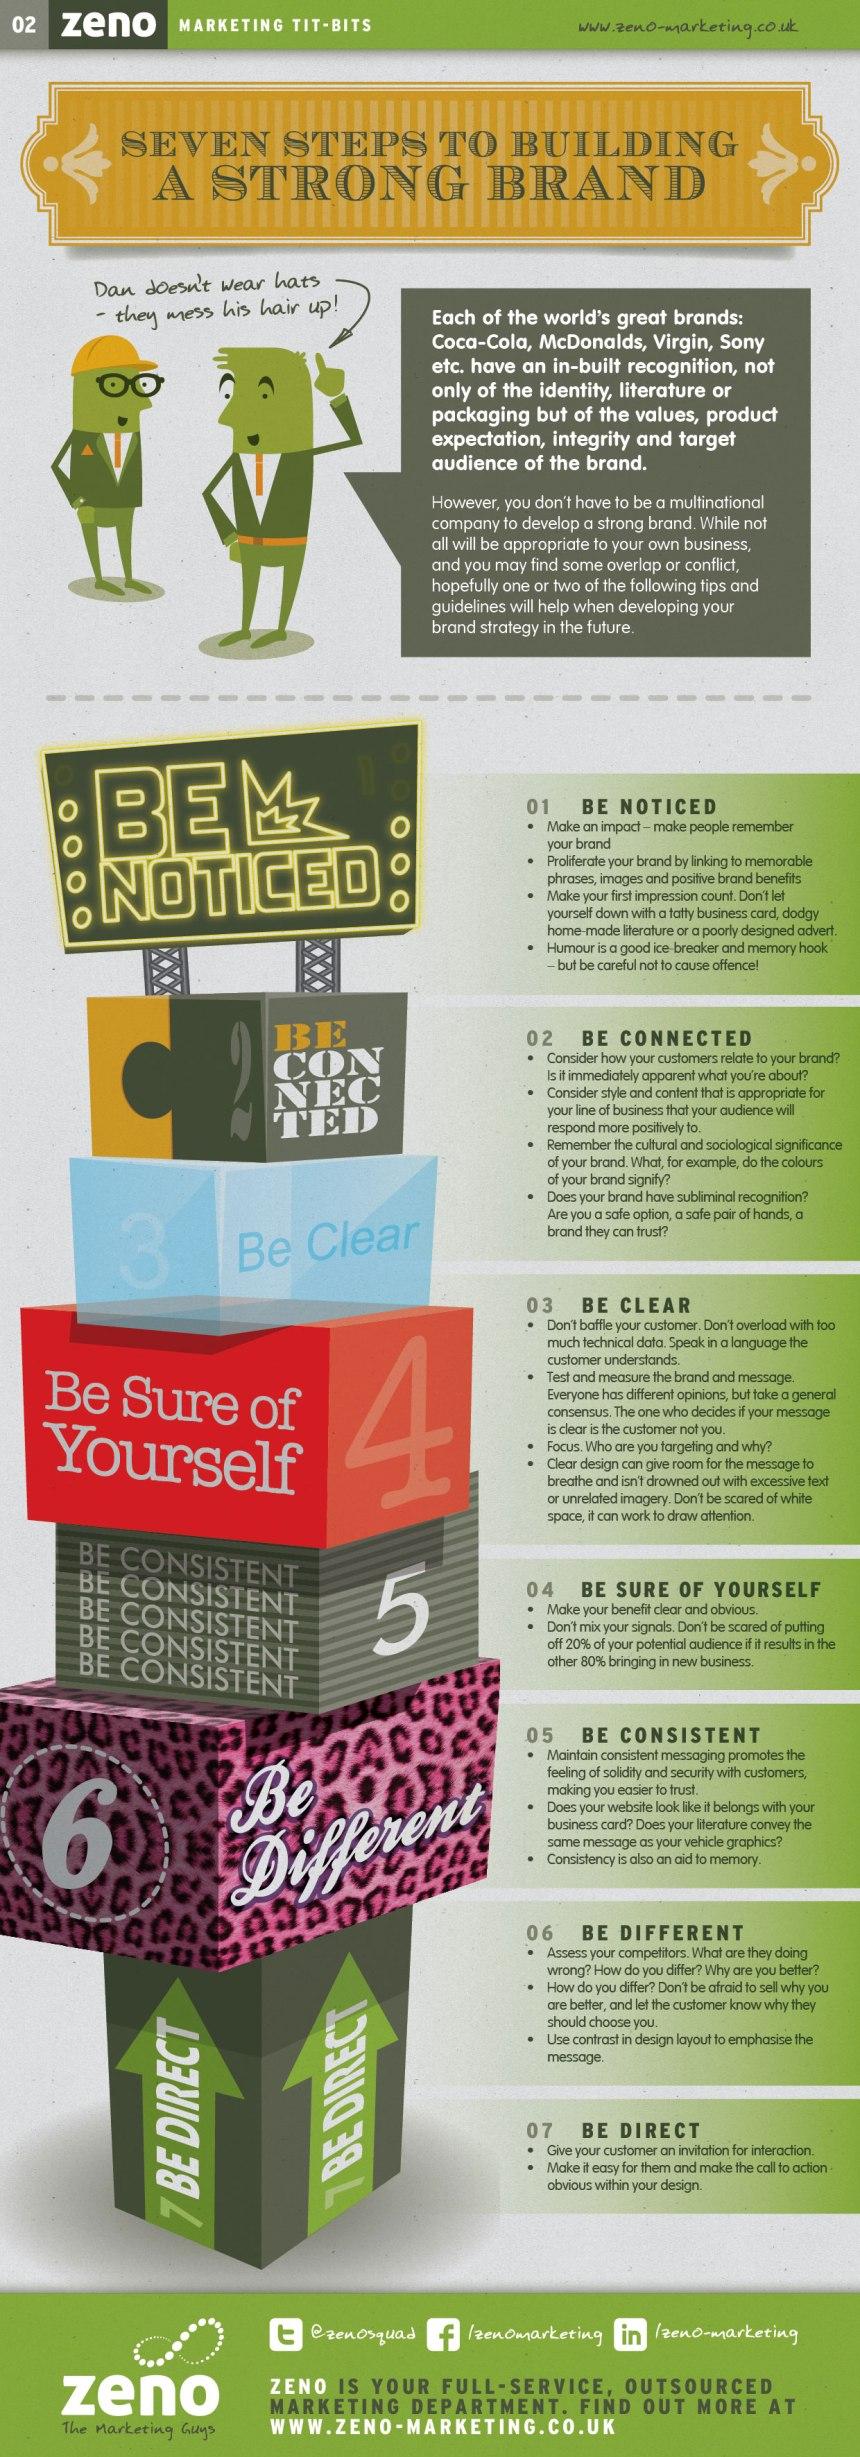 7 pasos para construir una marca fuerte